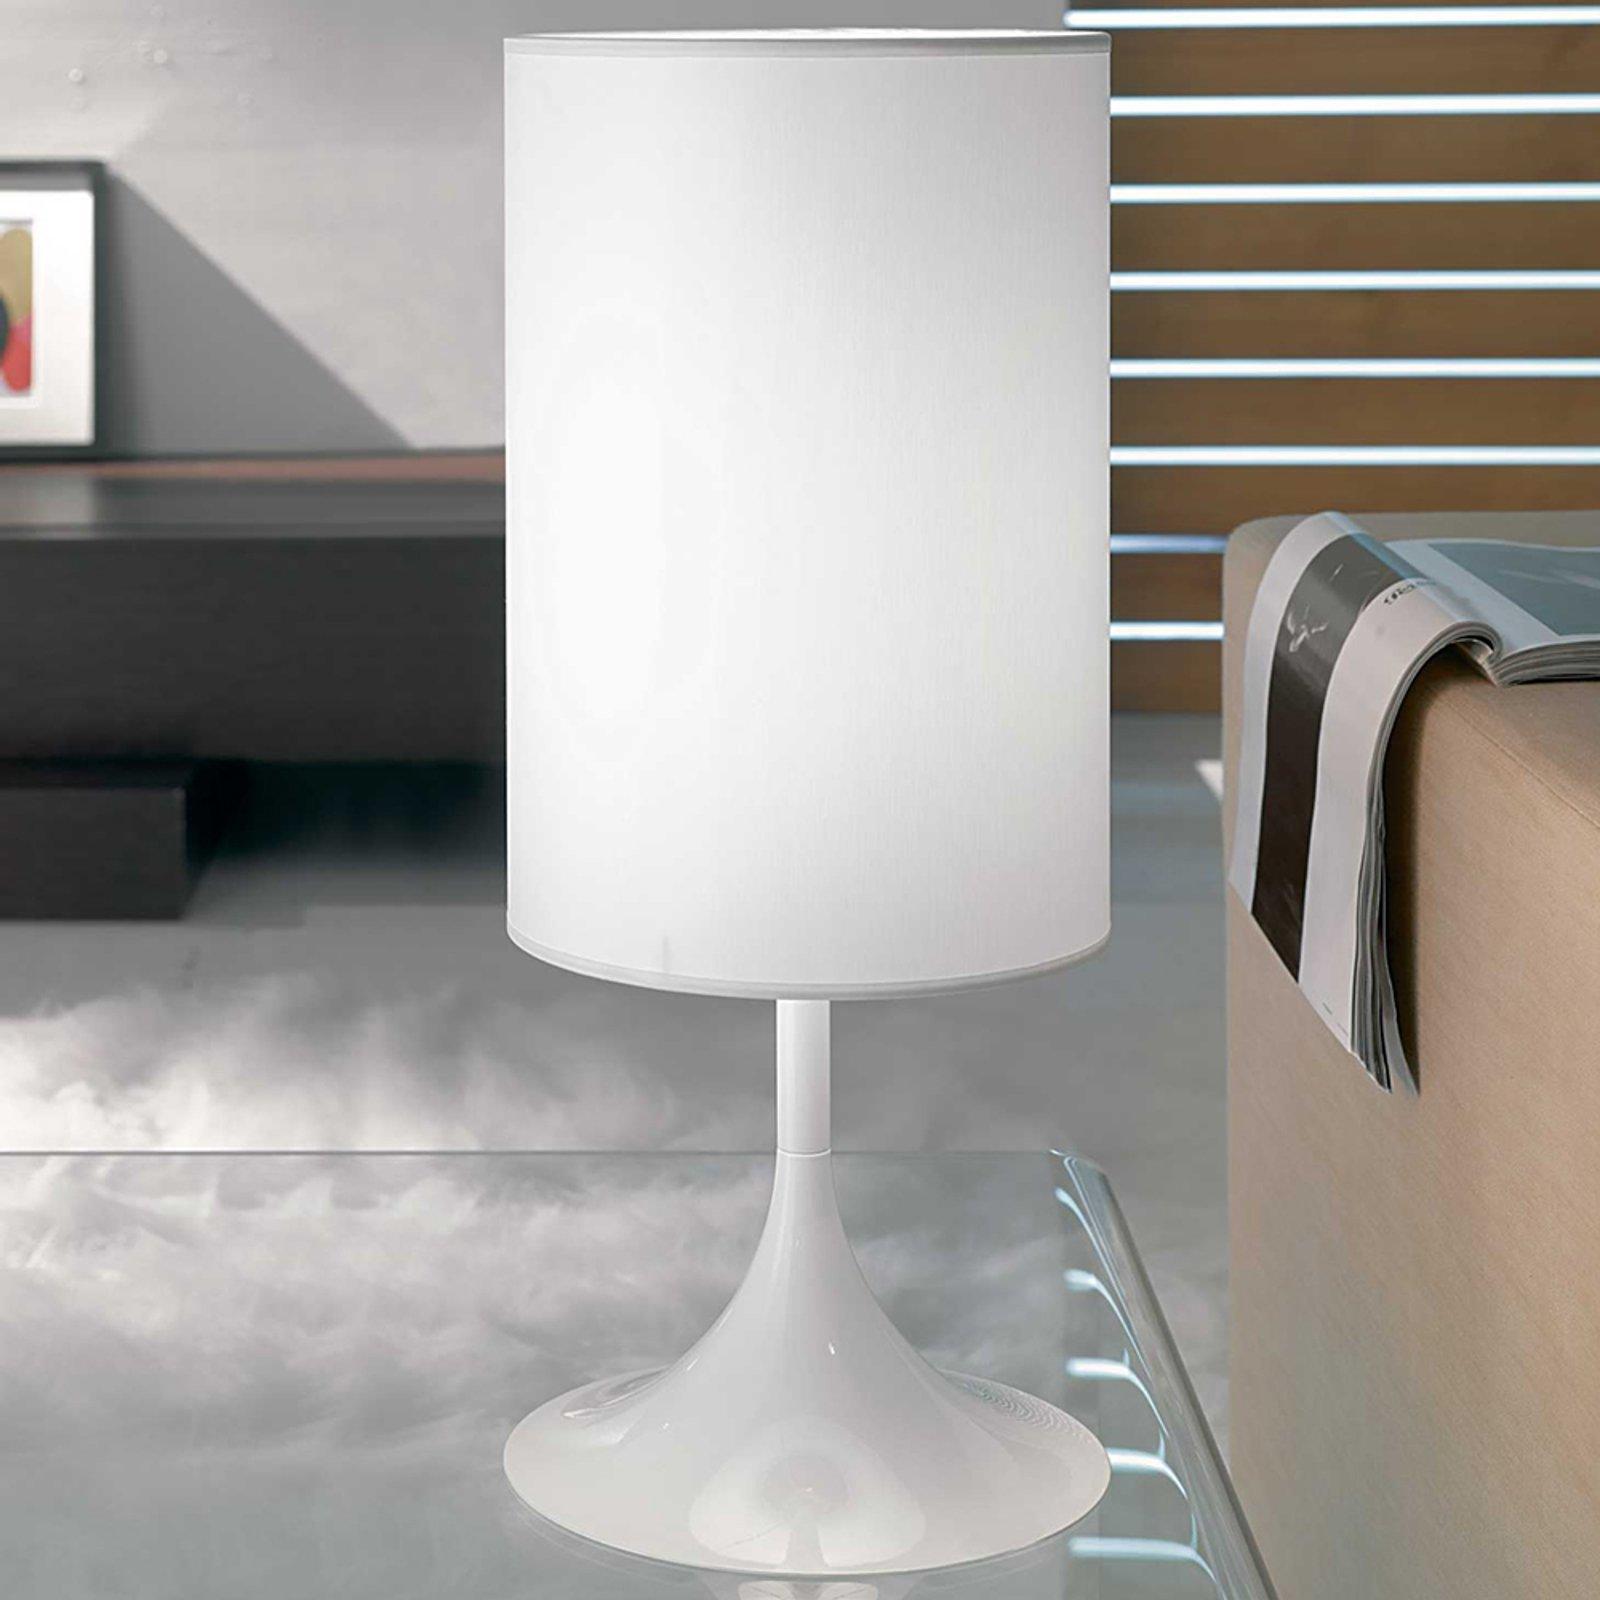 Flute hvit bordlampe 55 cm